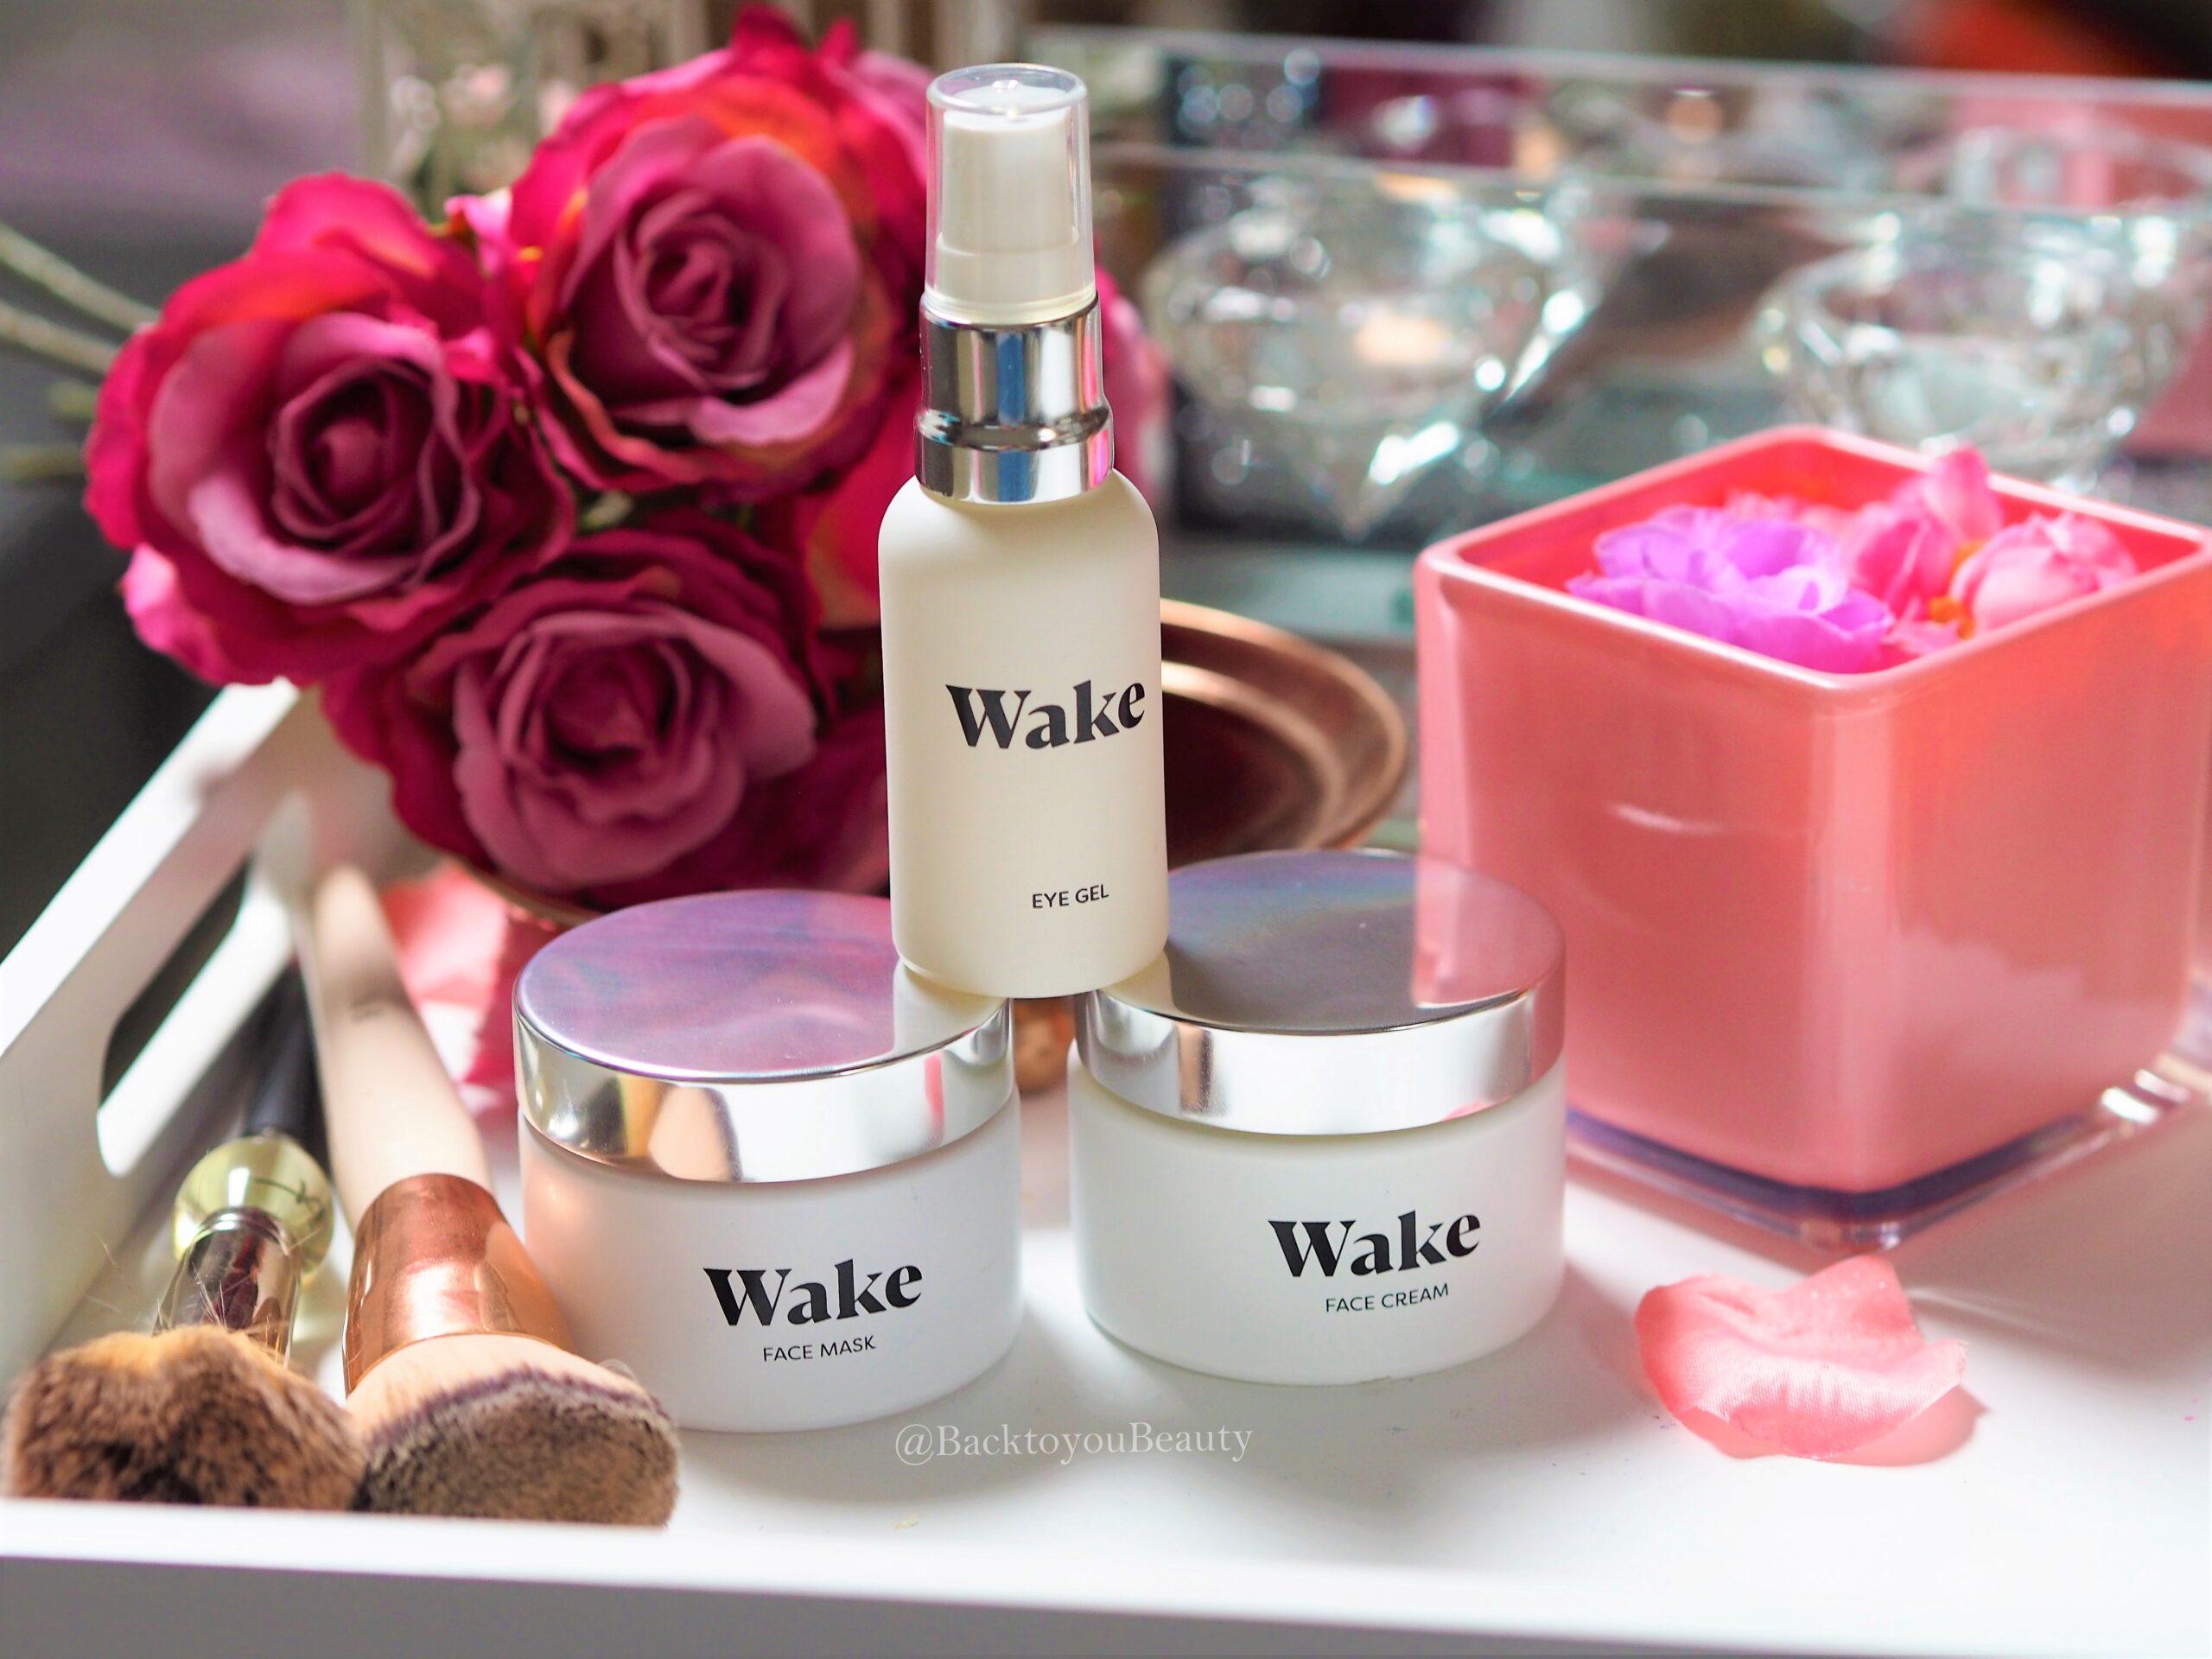 Wake Skincare